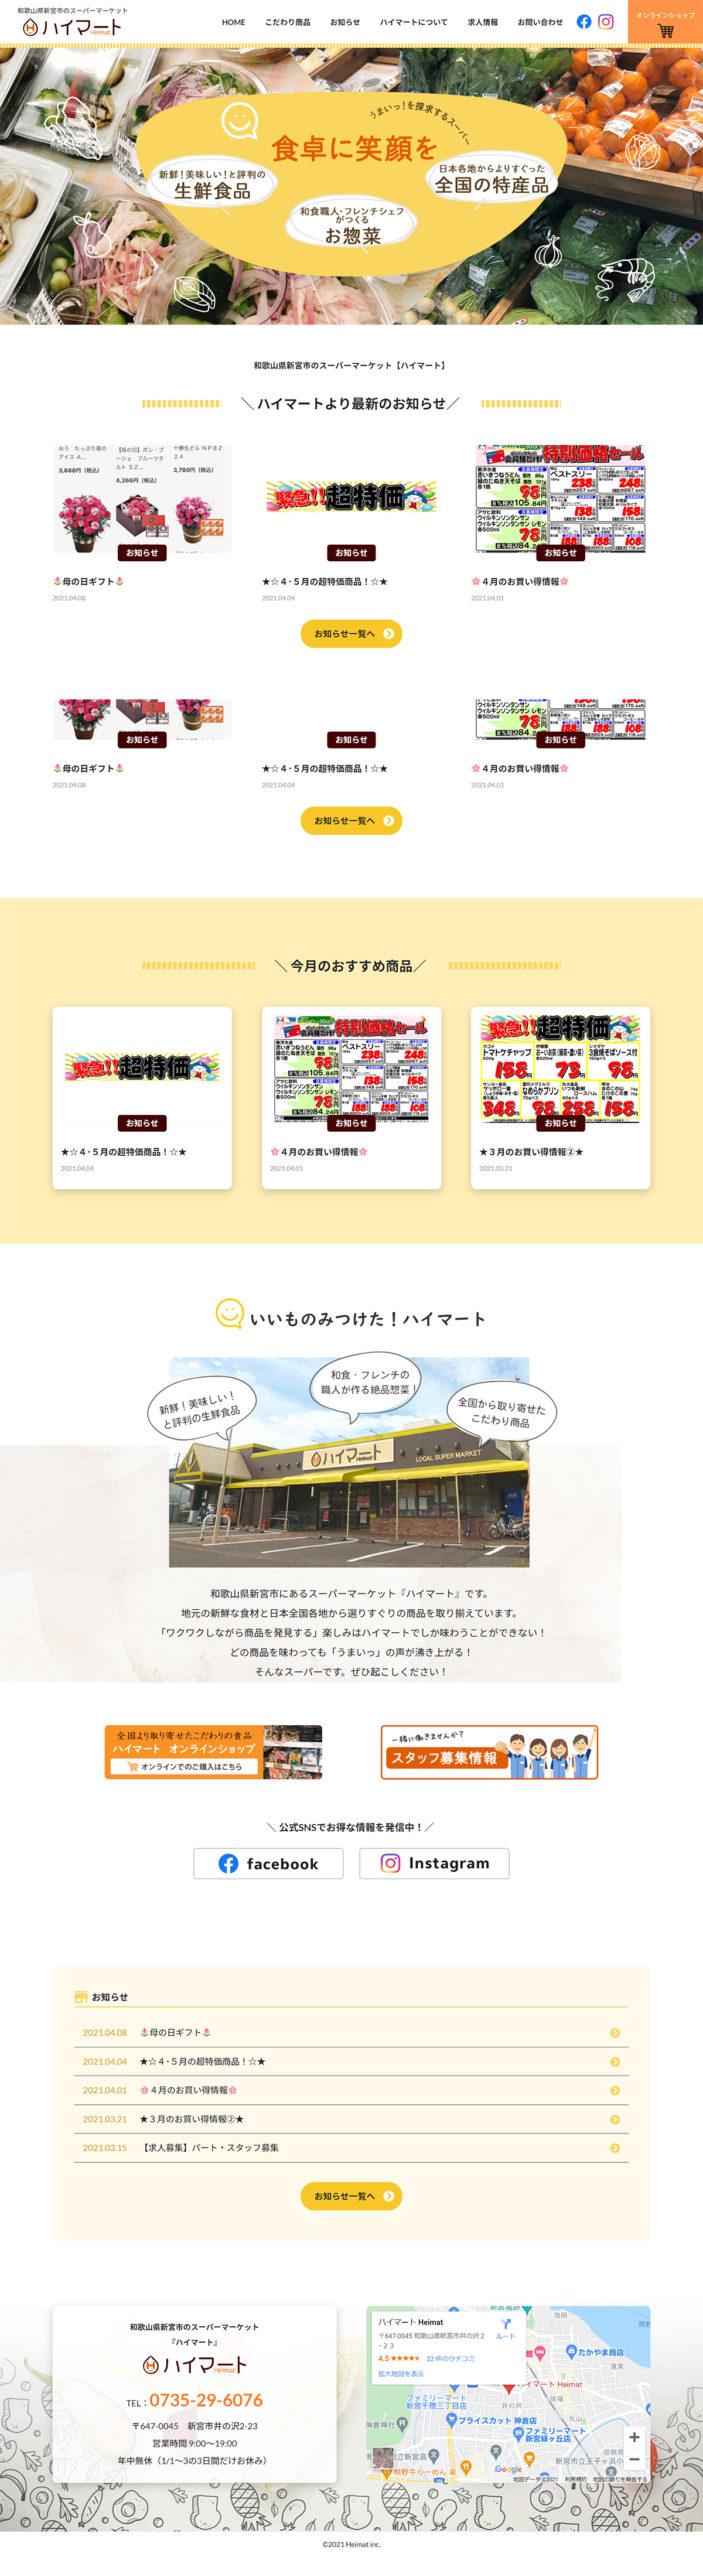 和歌山県新宮市のスーパーマーケット【ハイマート】